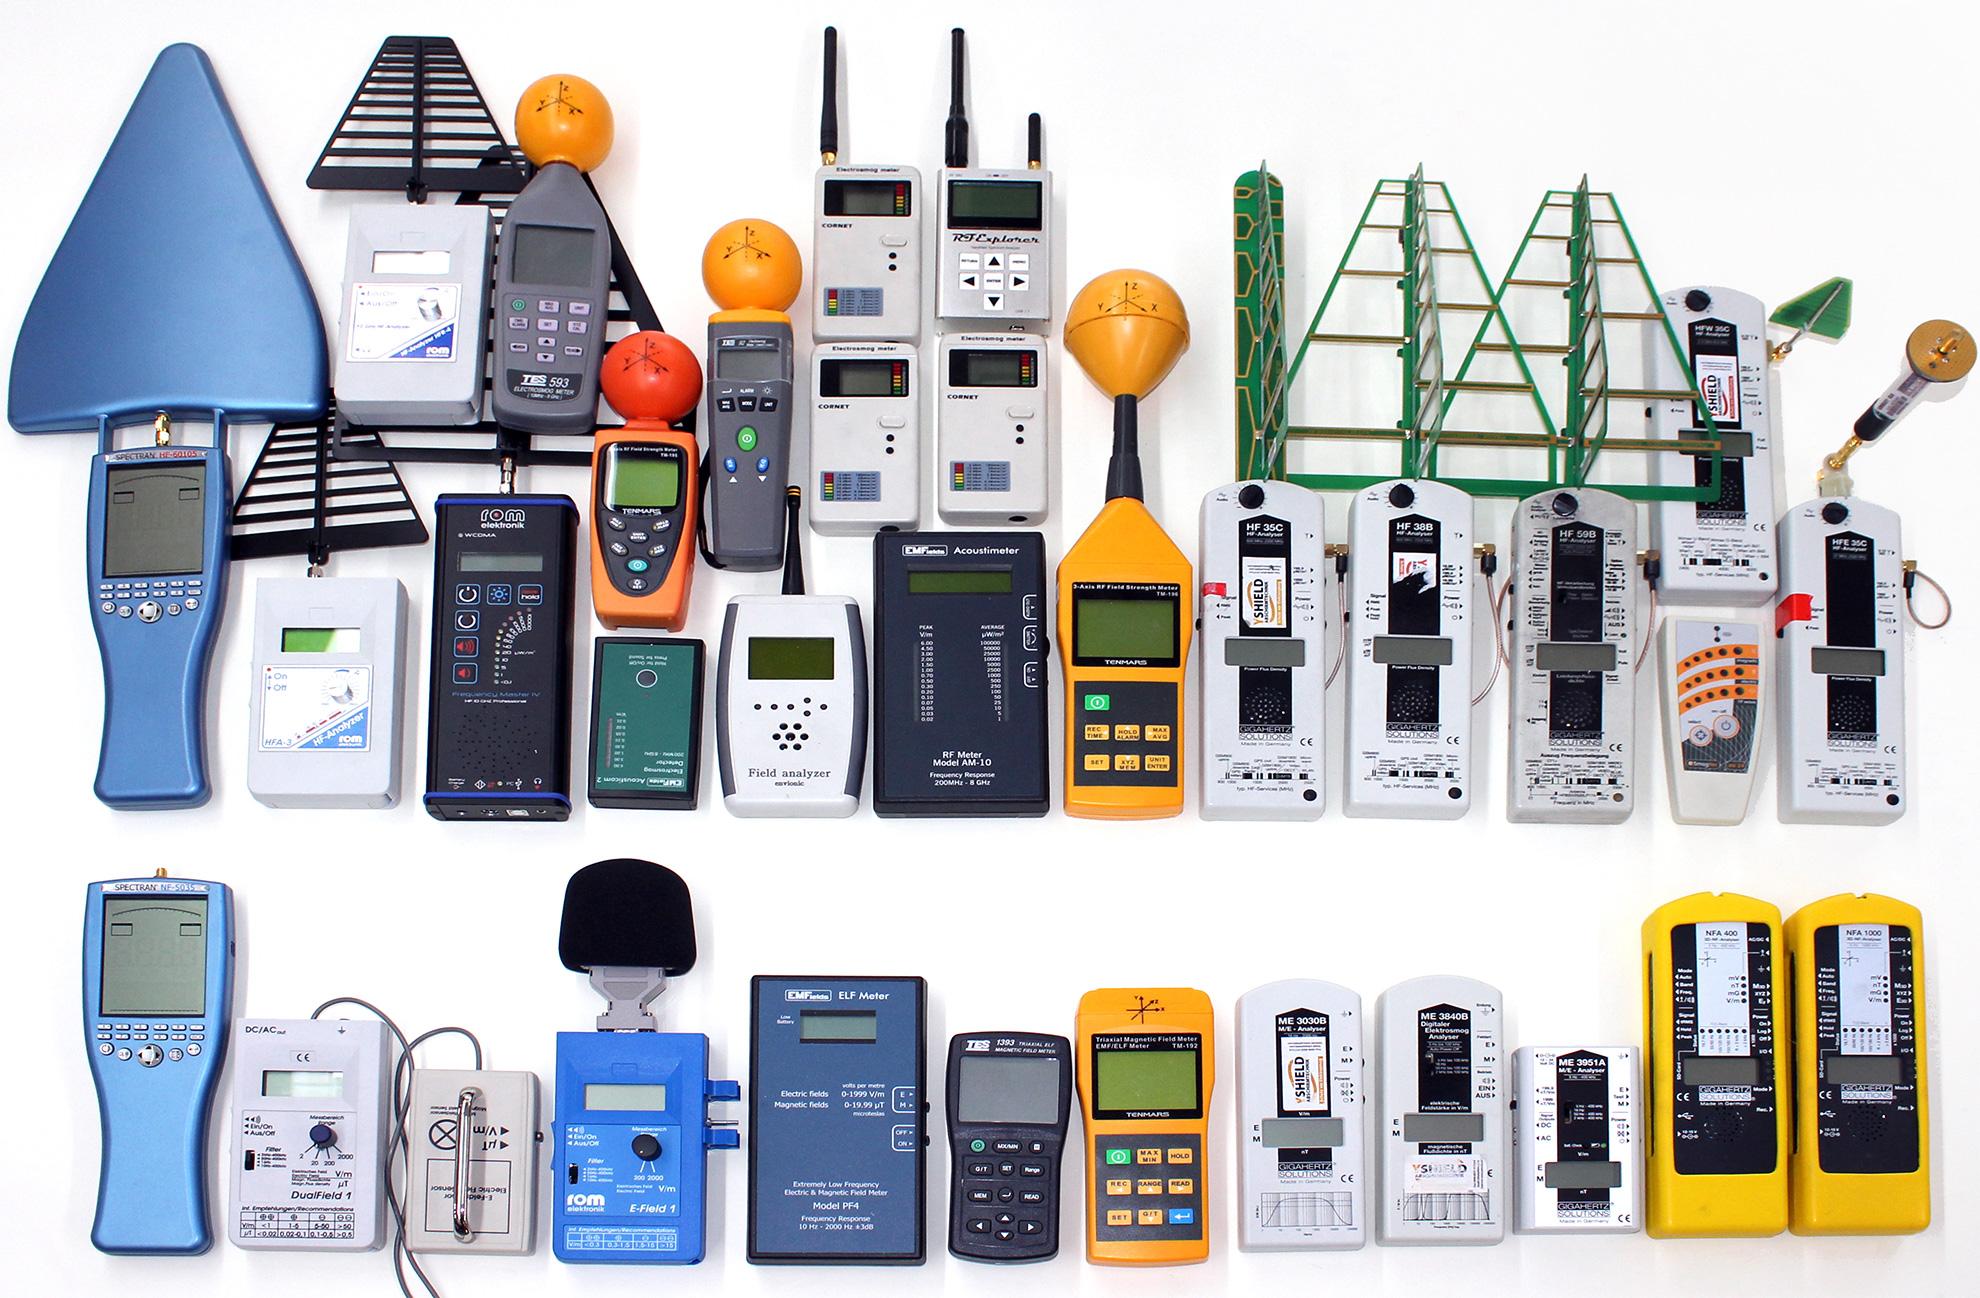 Tageskurs | Elektrosmog messen - mit Detektions-Messgeräten richtig umgehen